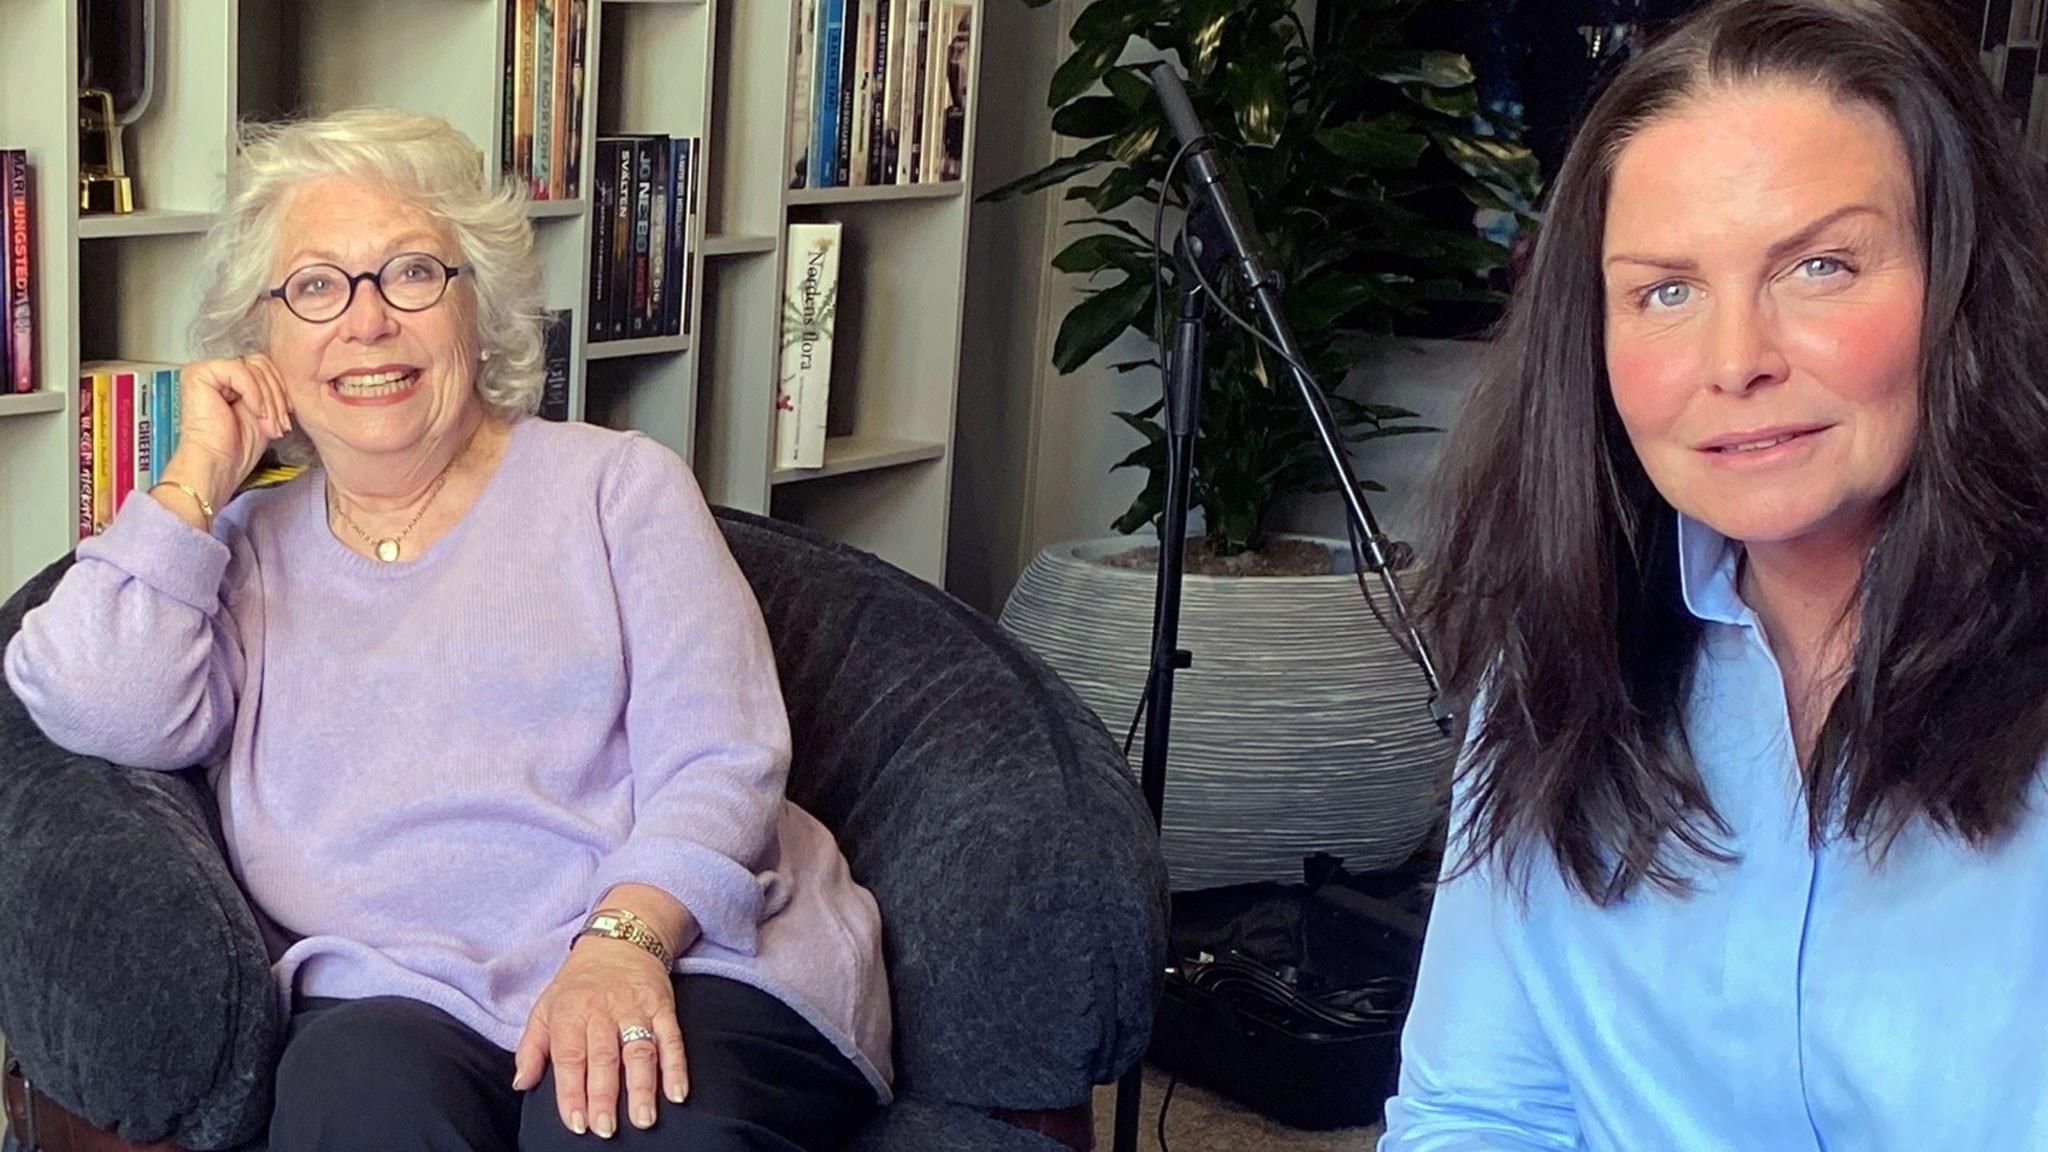 Prinsessan Christina fru Magnuson lär känna sin farmor – i ny bok